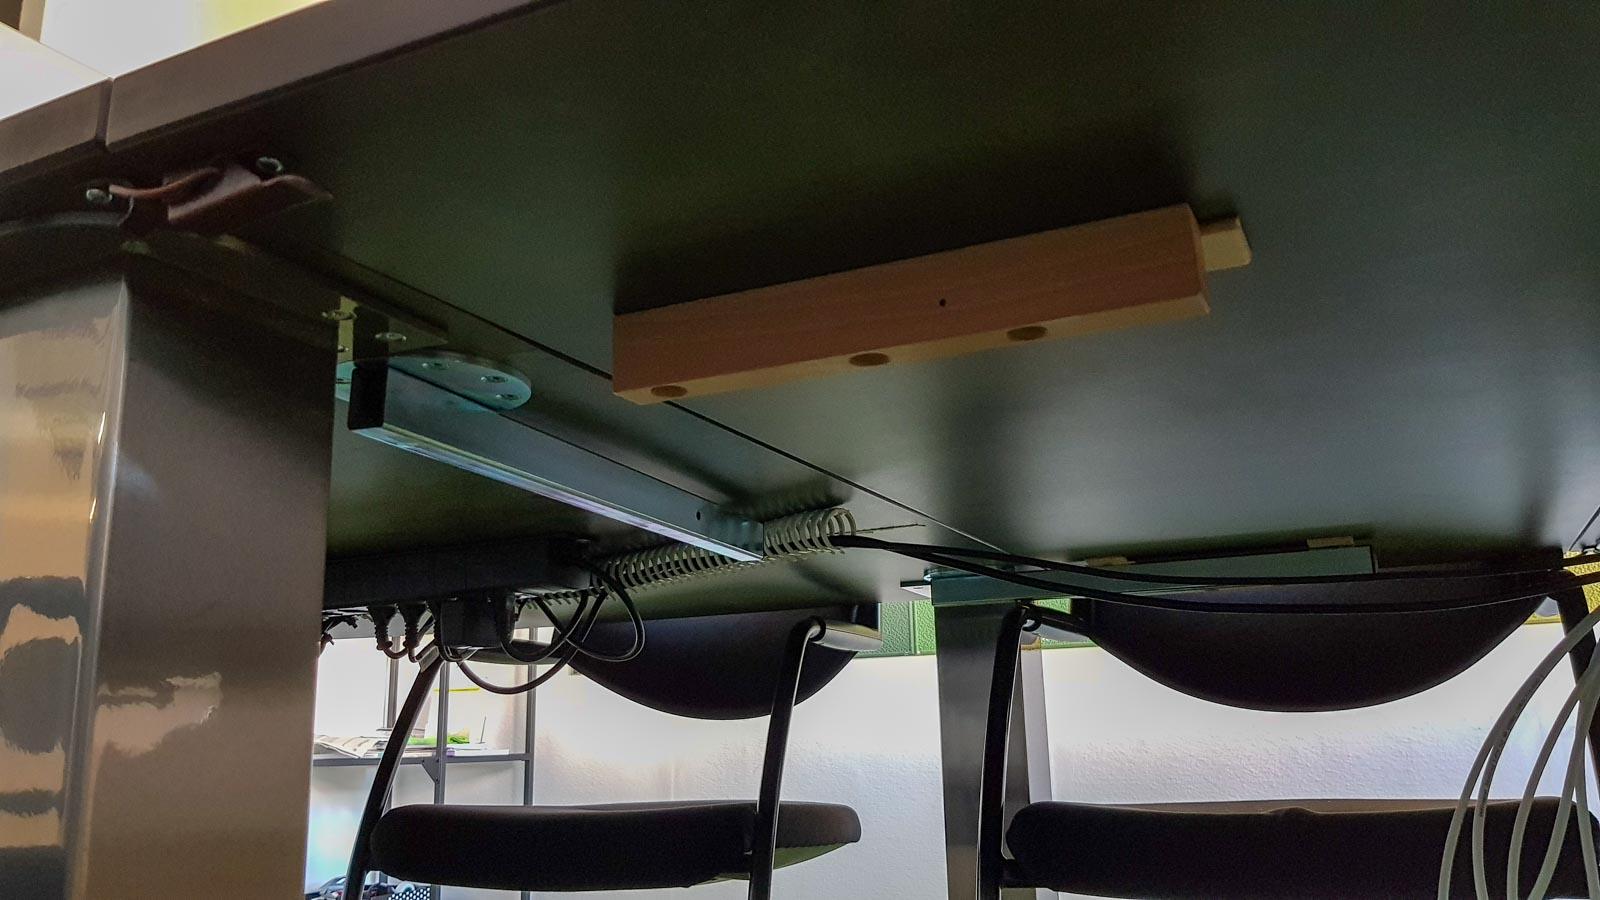 Wooddesign_Sitzungszimmer_Sitzungstisch_Besprechungstisch_erweiterbar_versenkbare Steckdose_Tischverlängerung (3)